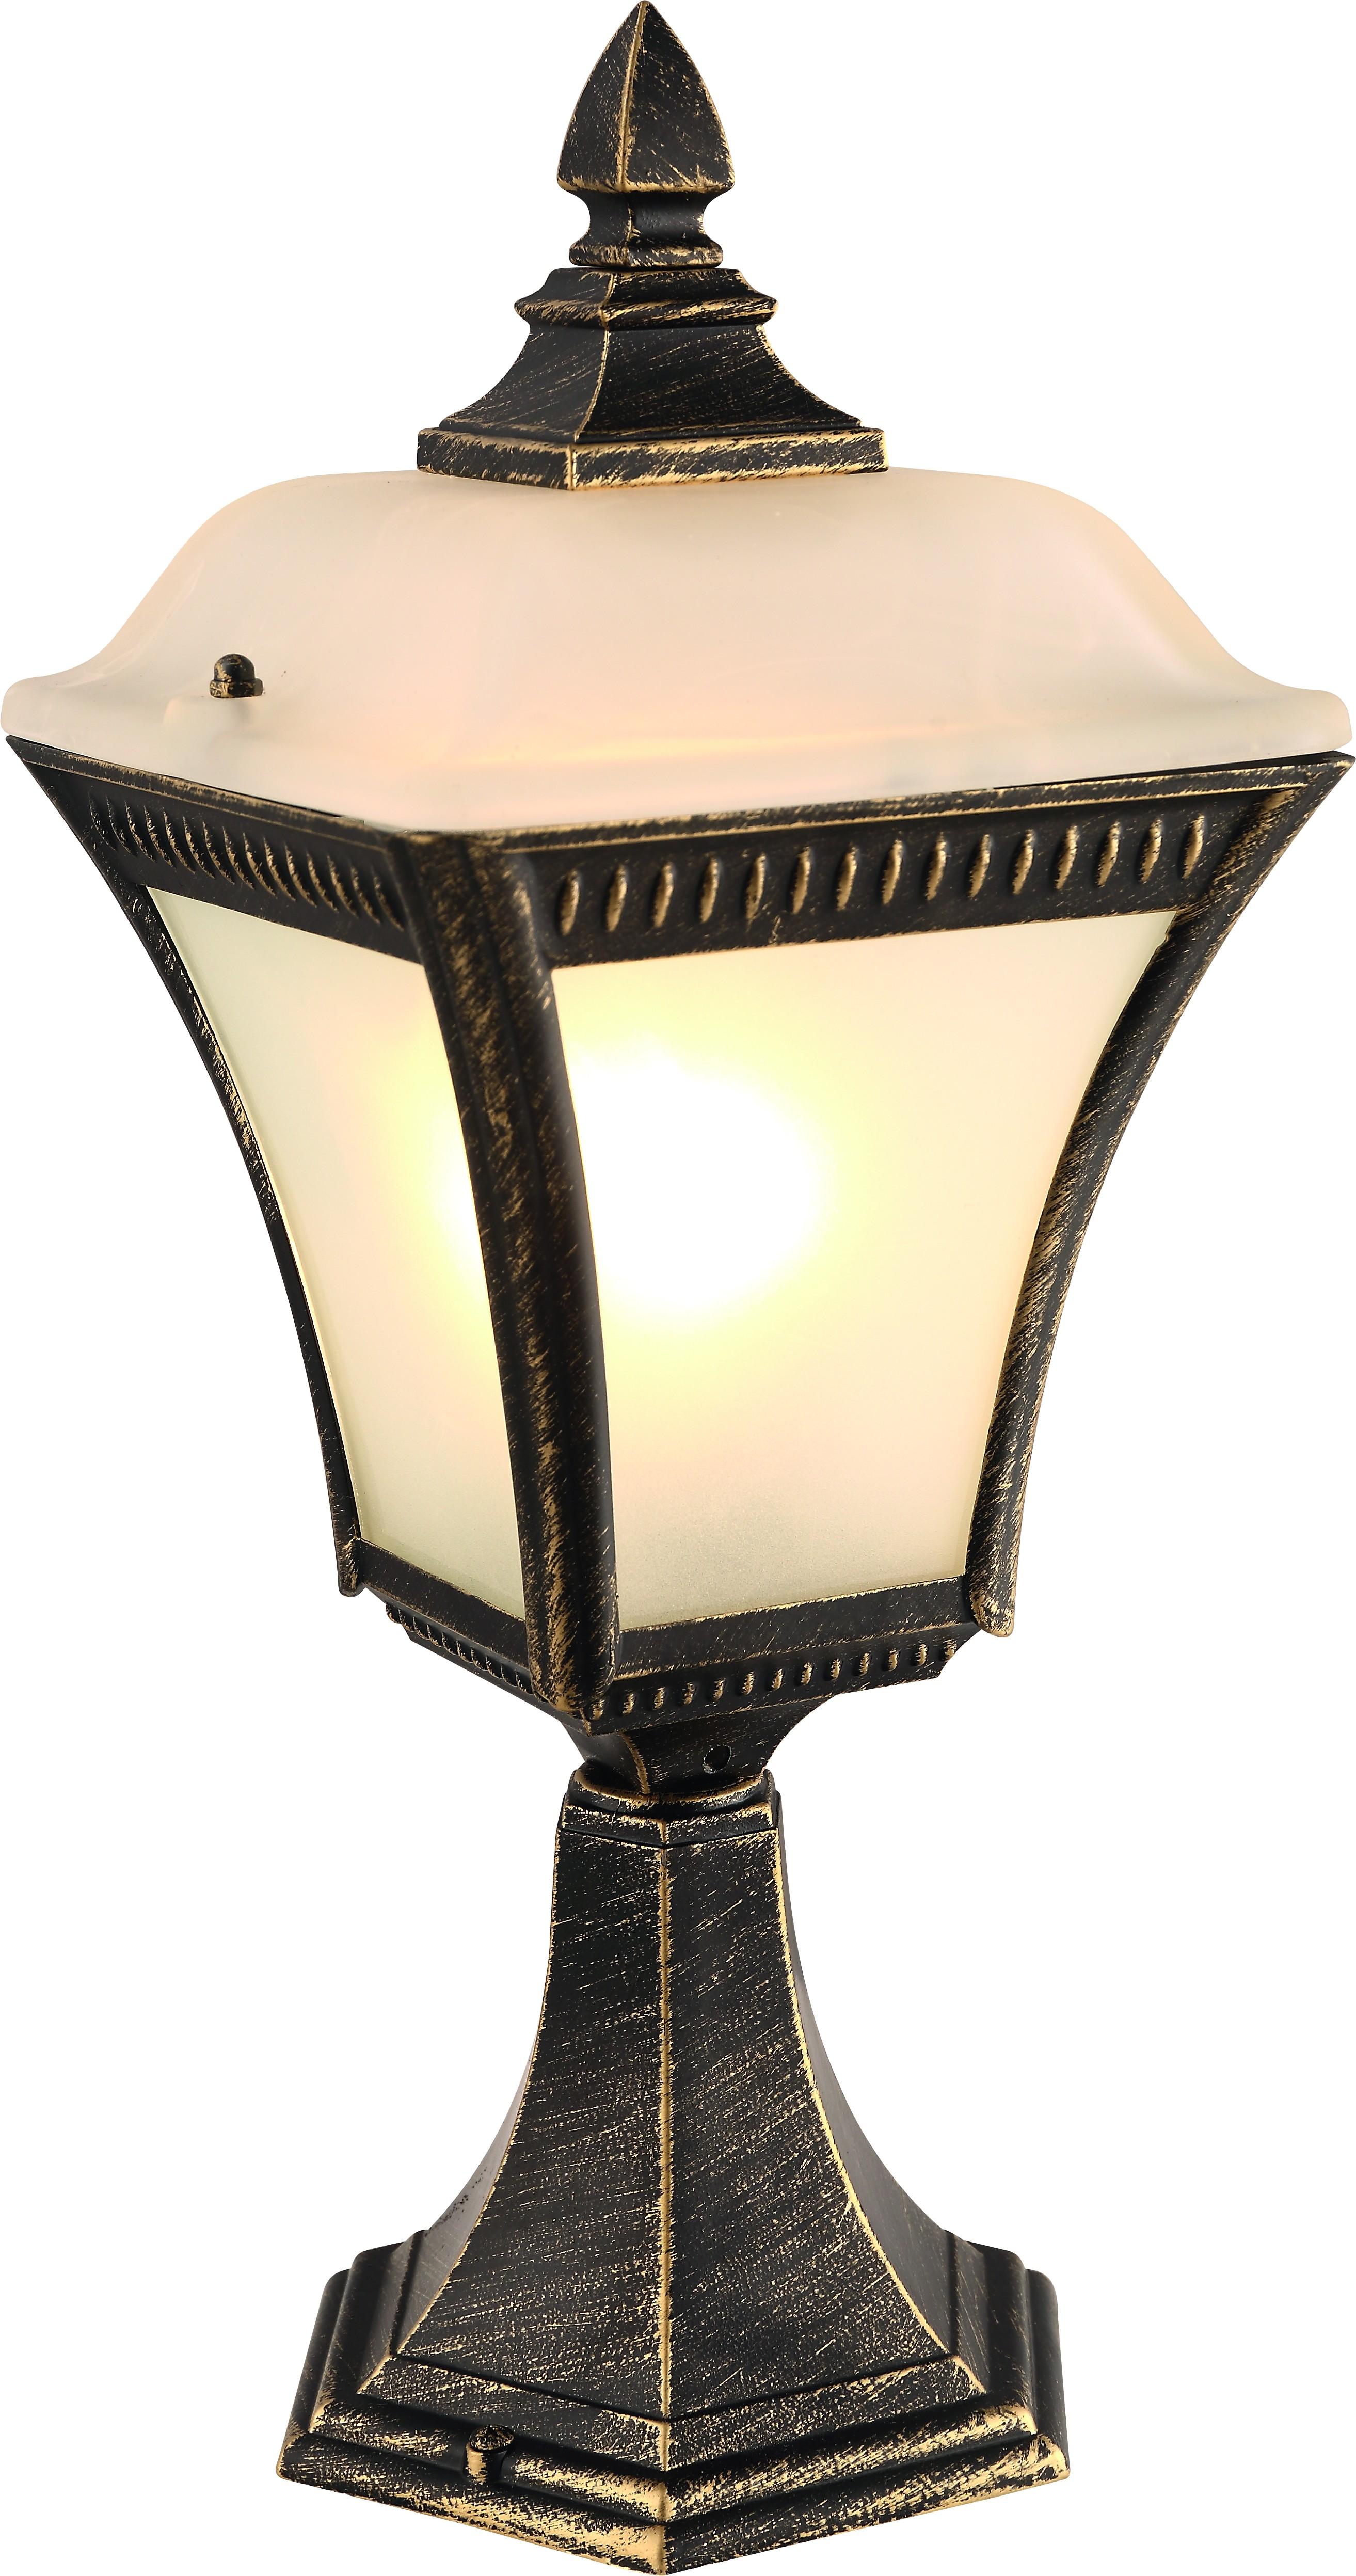 Светильник уличный Arte lamp A3161fn-1bn наземный низкий светильник arte lamp memphis a3161fn 1bn